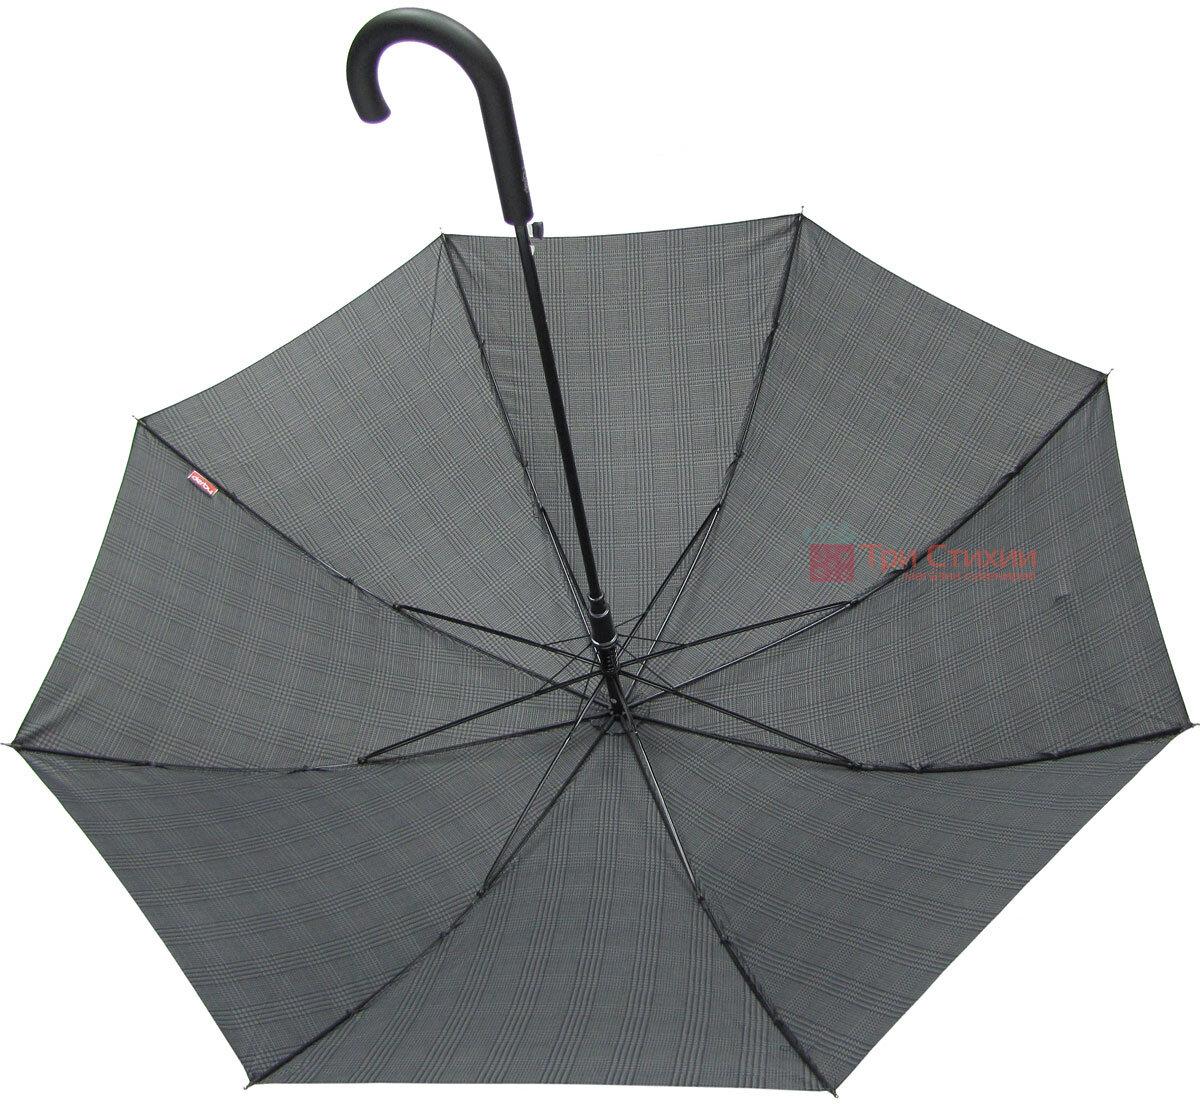 Зонт-трость Derby 77167P-2 полуавтомат Крупная клетка, фото 2